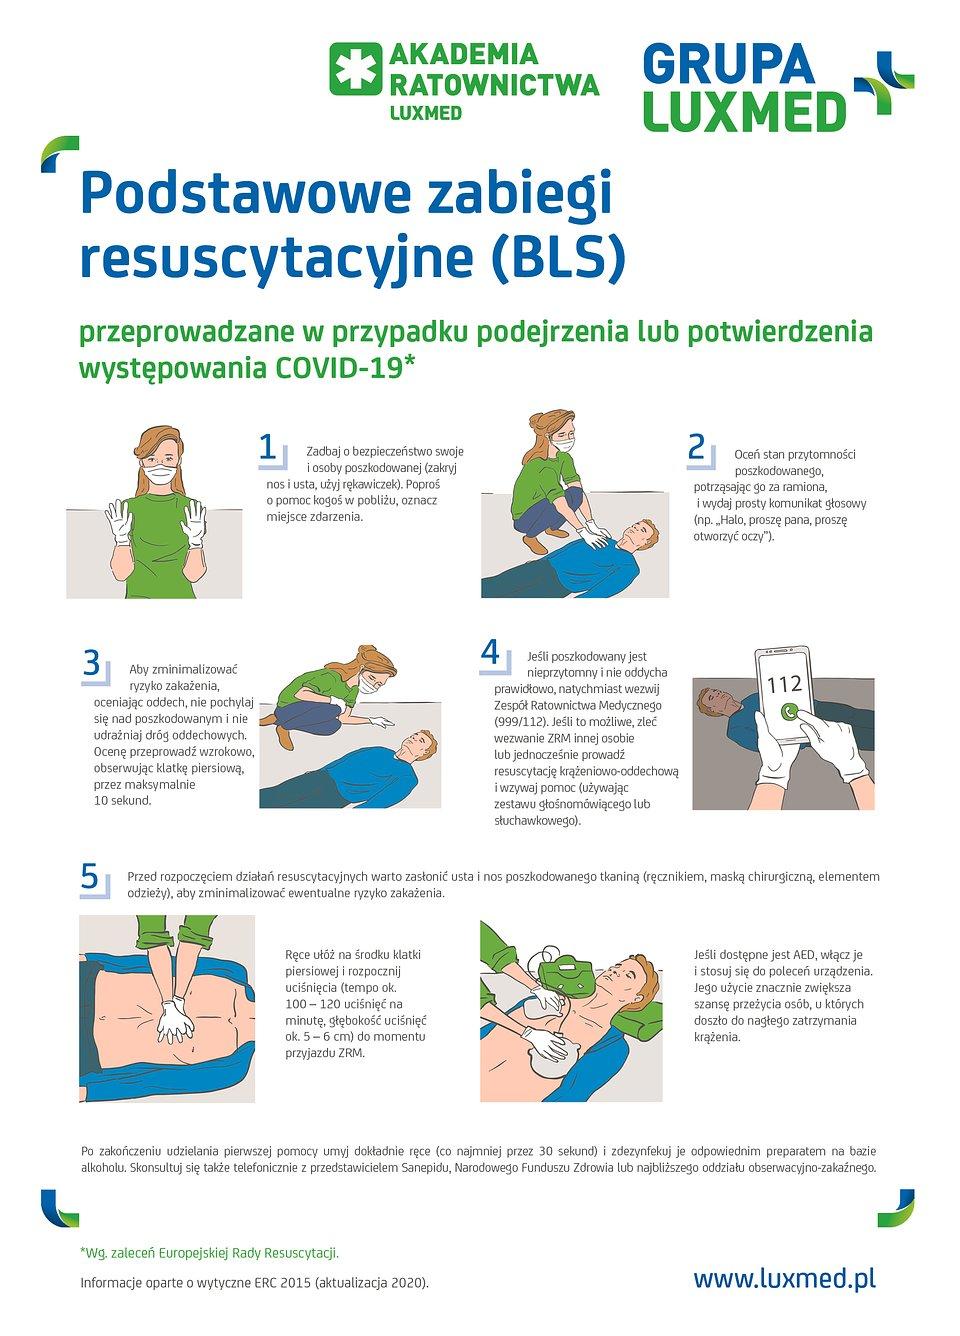 Pierwsza pomoc w COVID-19_infografika.jpg